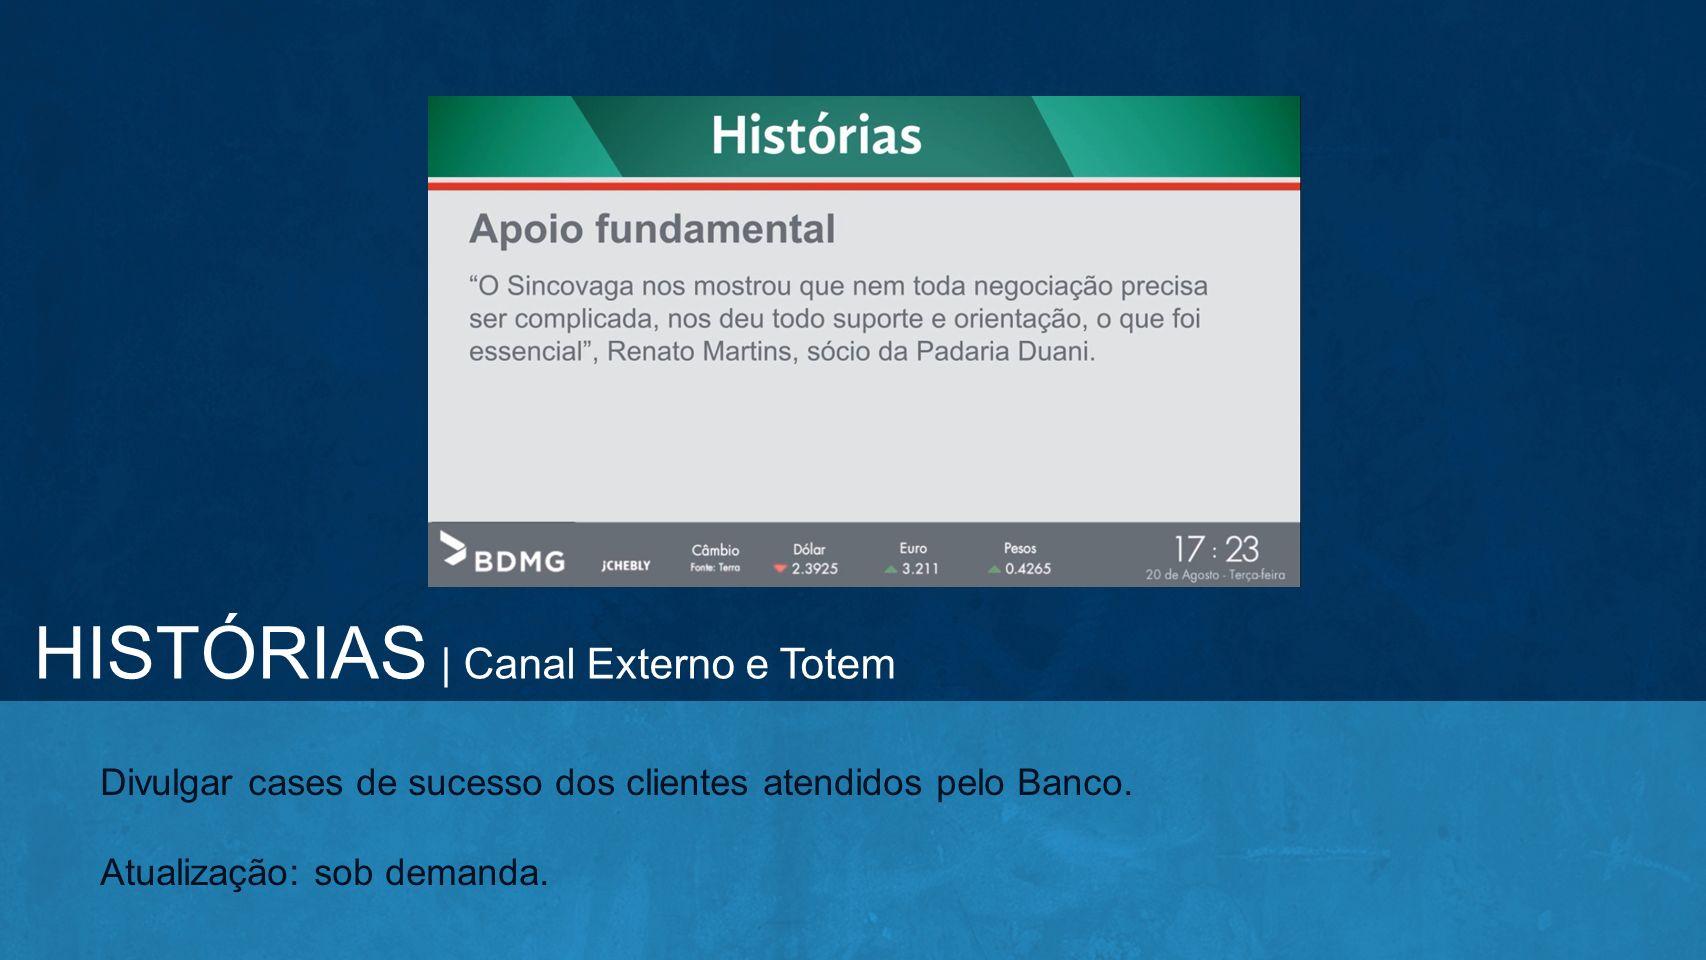 HISTÓRIAS | Canal Externo e Totem